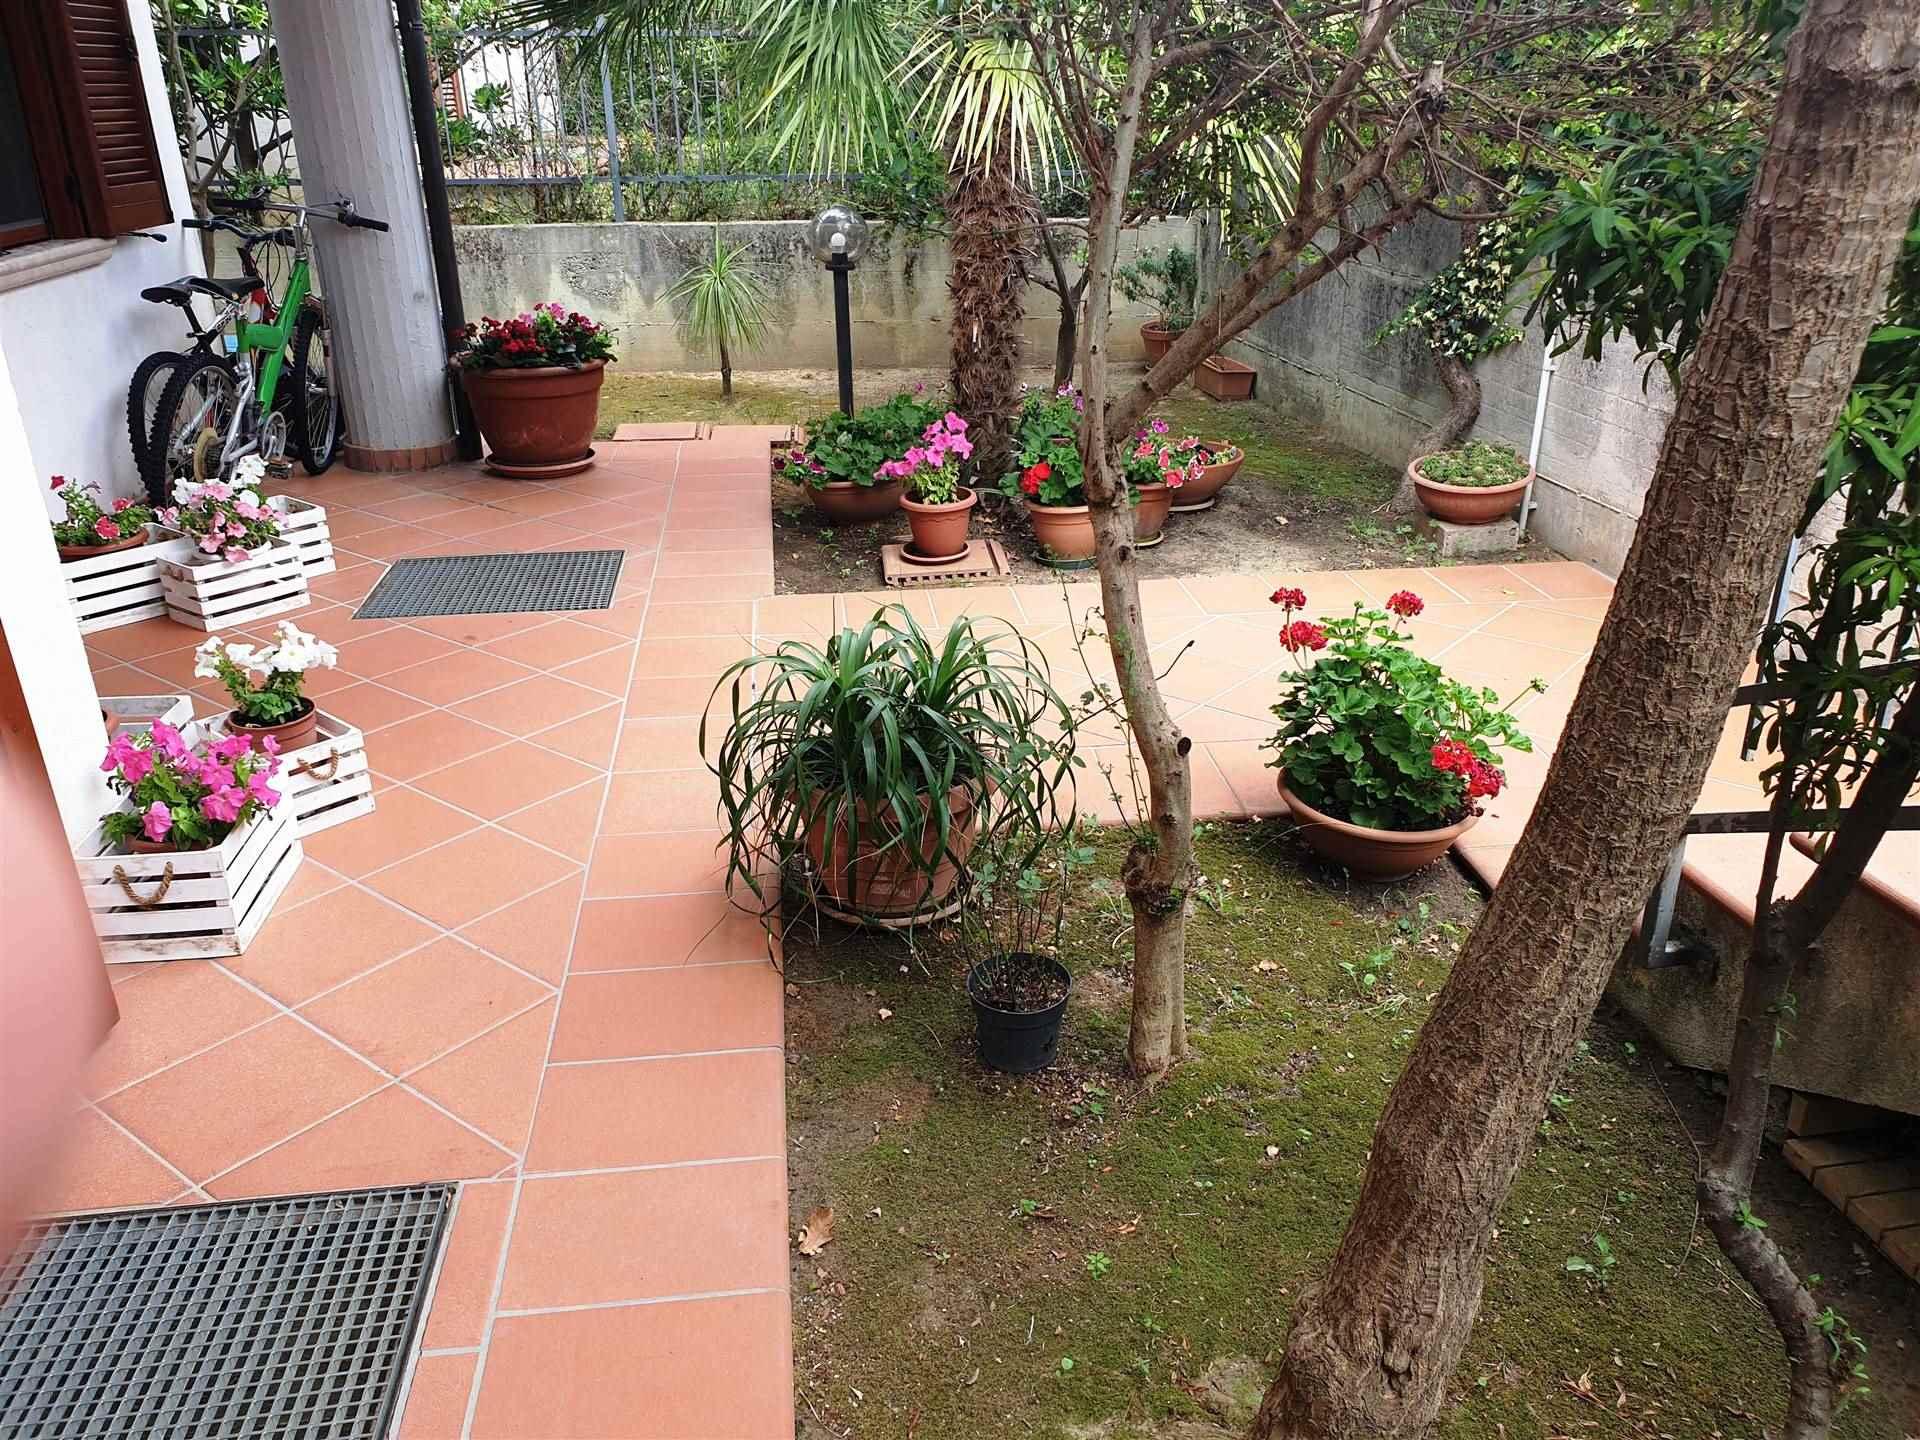 Villa Bifamiliare in vendita a Montalto Uffugo, 6 locali, prezzo € 165.000 | CambioCasa.it